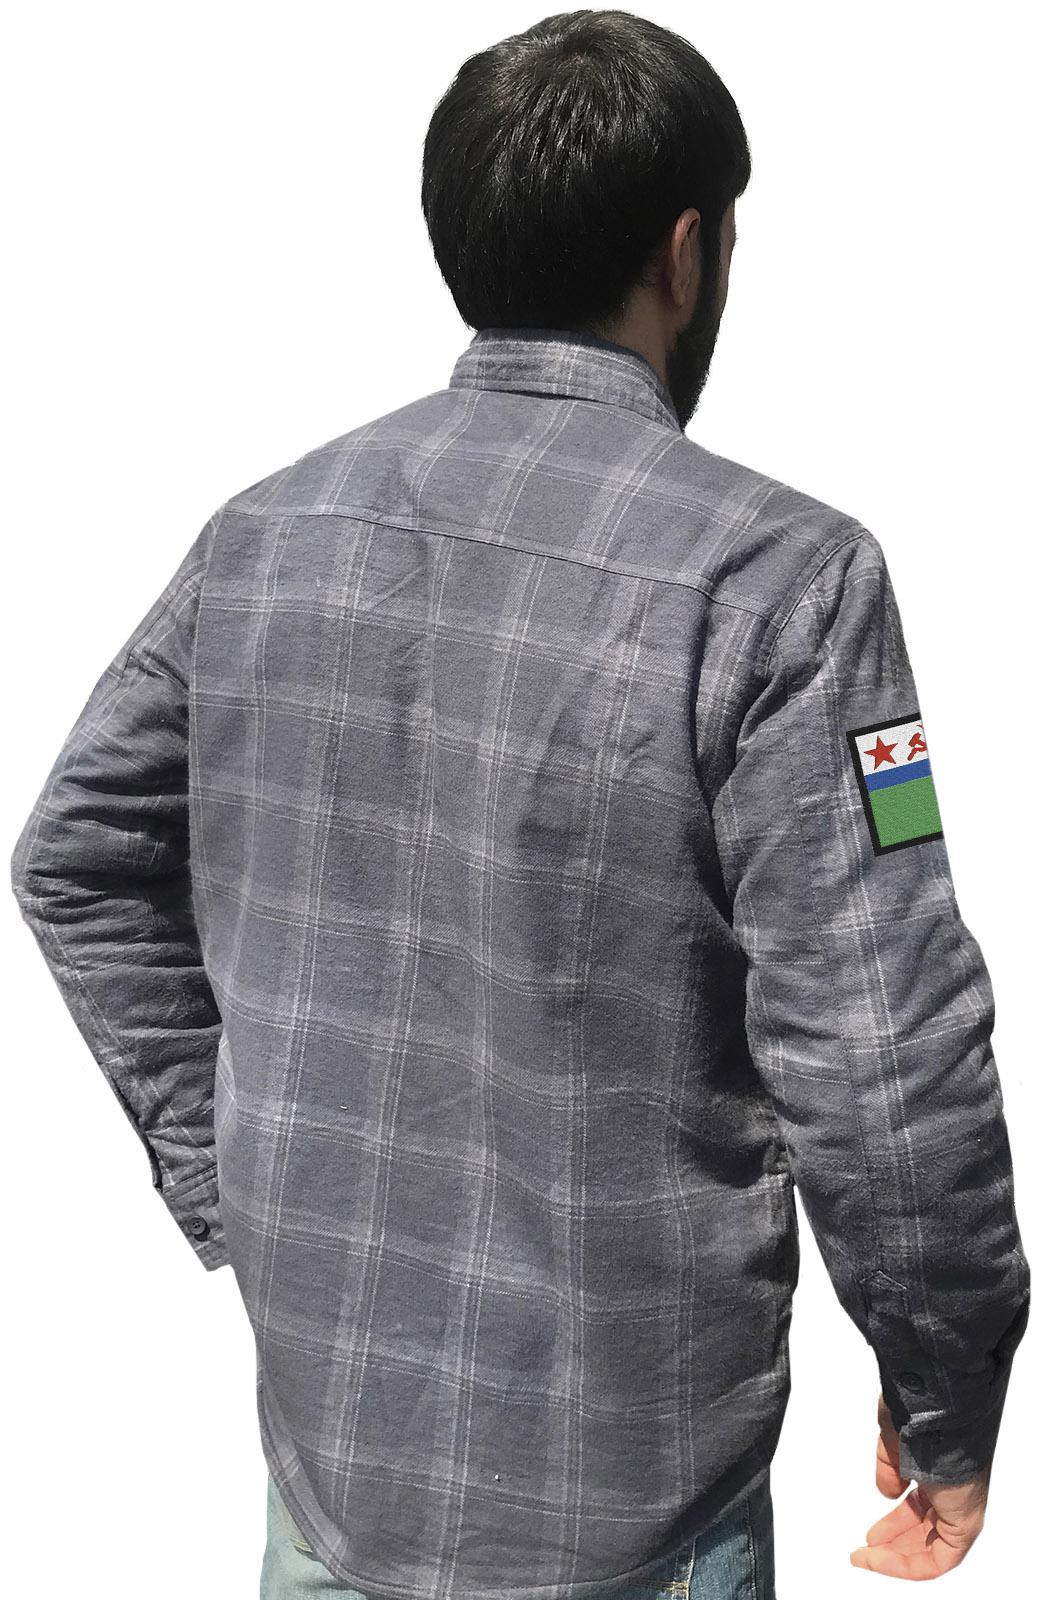 Купить мужскую утепленную рубашку с вышитым шевроном МЧПВ СССР онлайн с доставкой